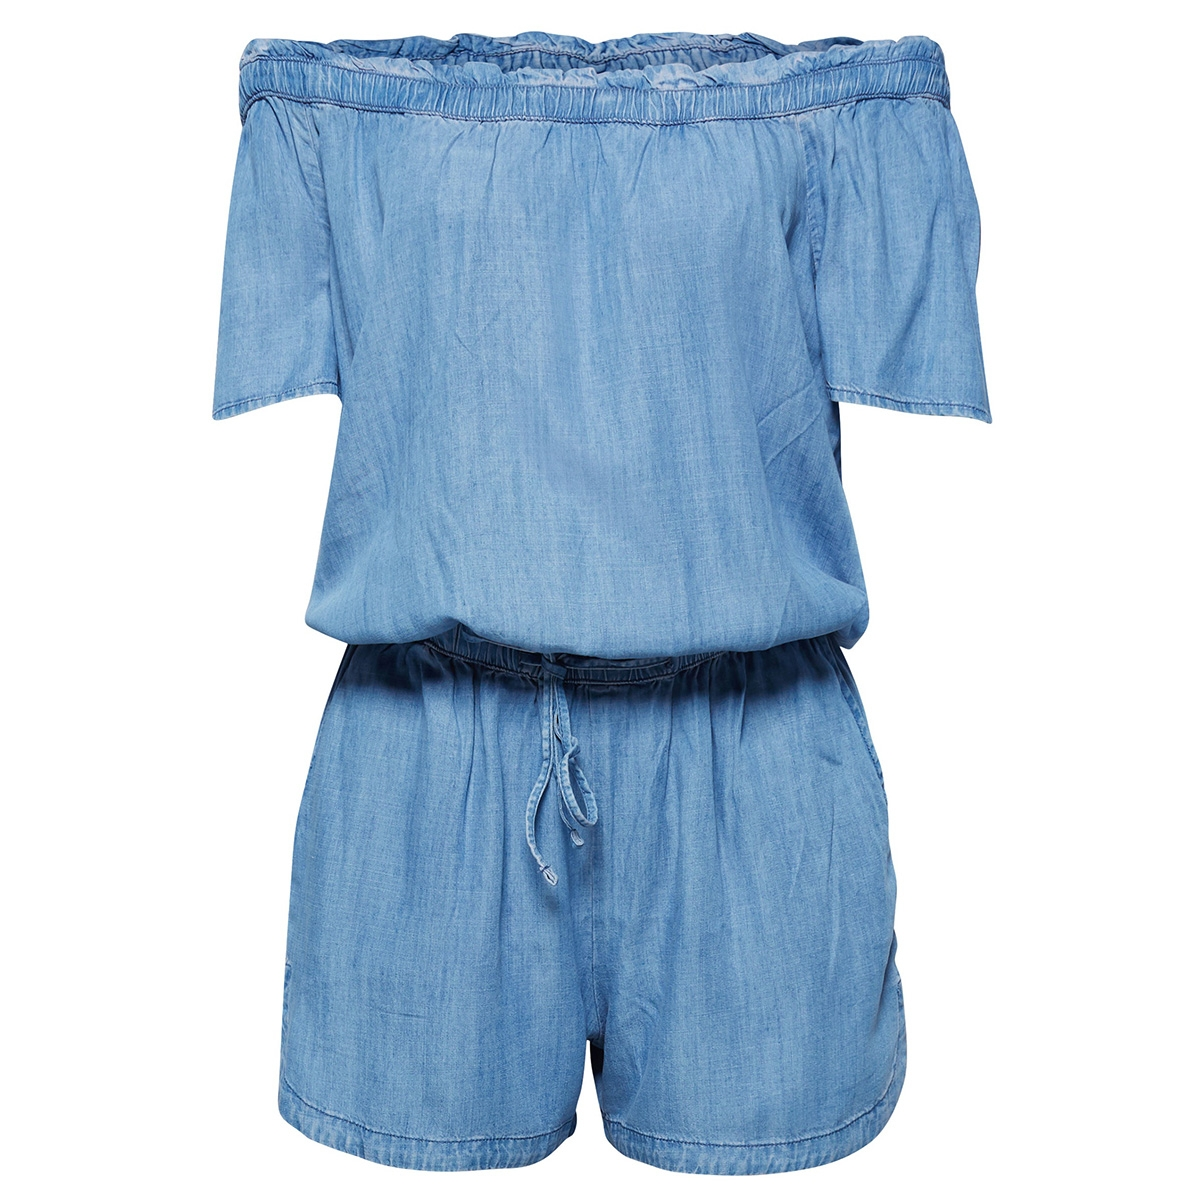 jumpsuit in denimlook 059cc1l001 edc jumpsuit c903